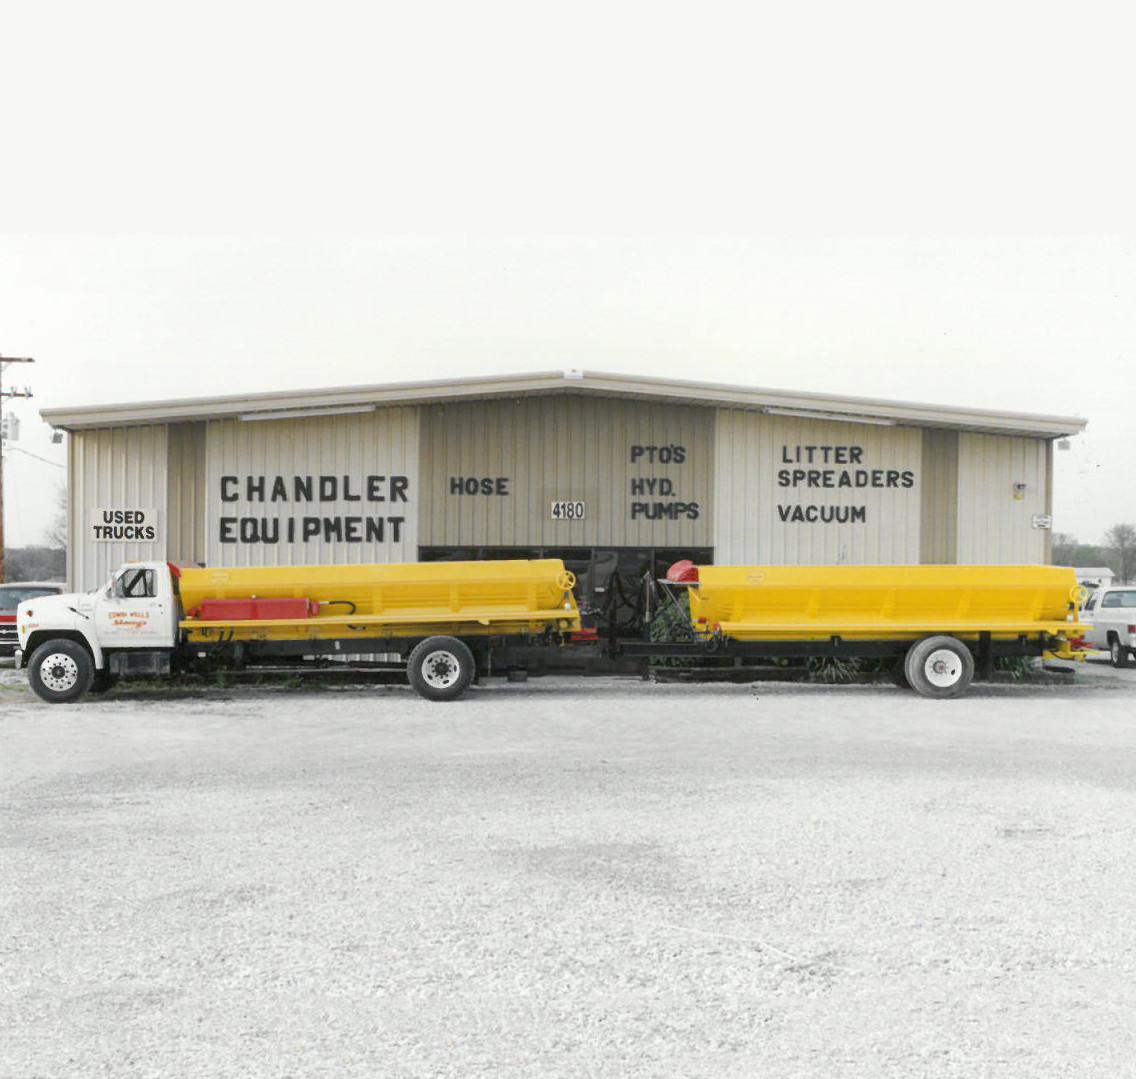 Chandler Equipment Building - Springdale, AR